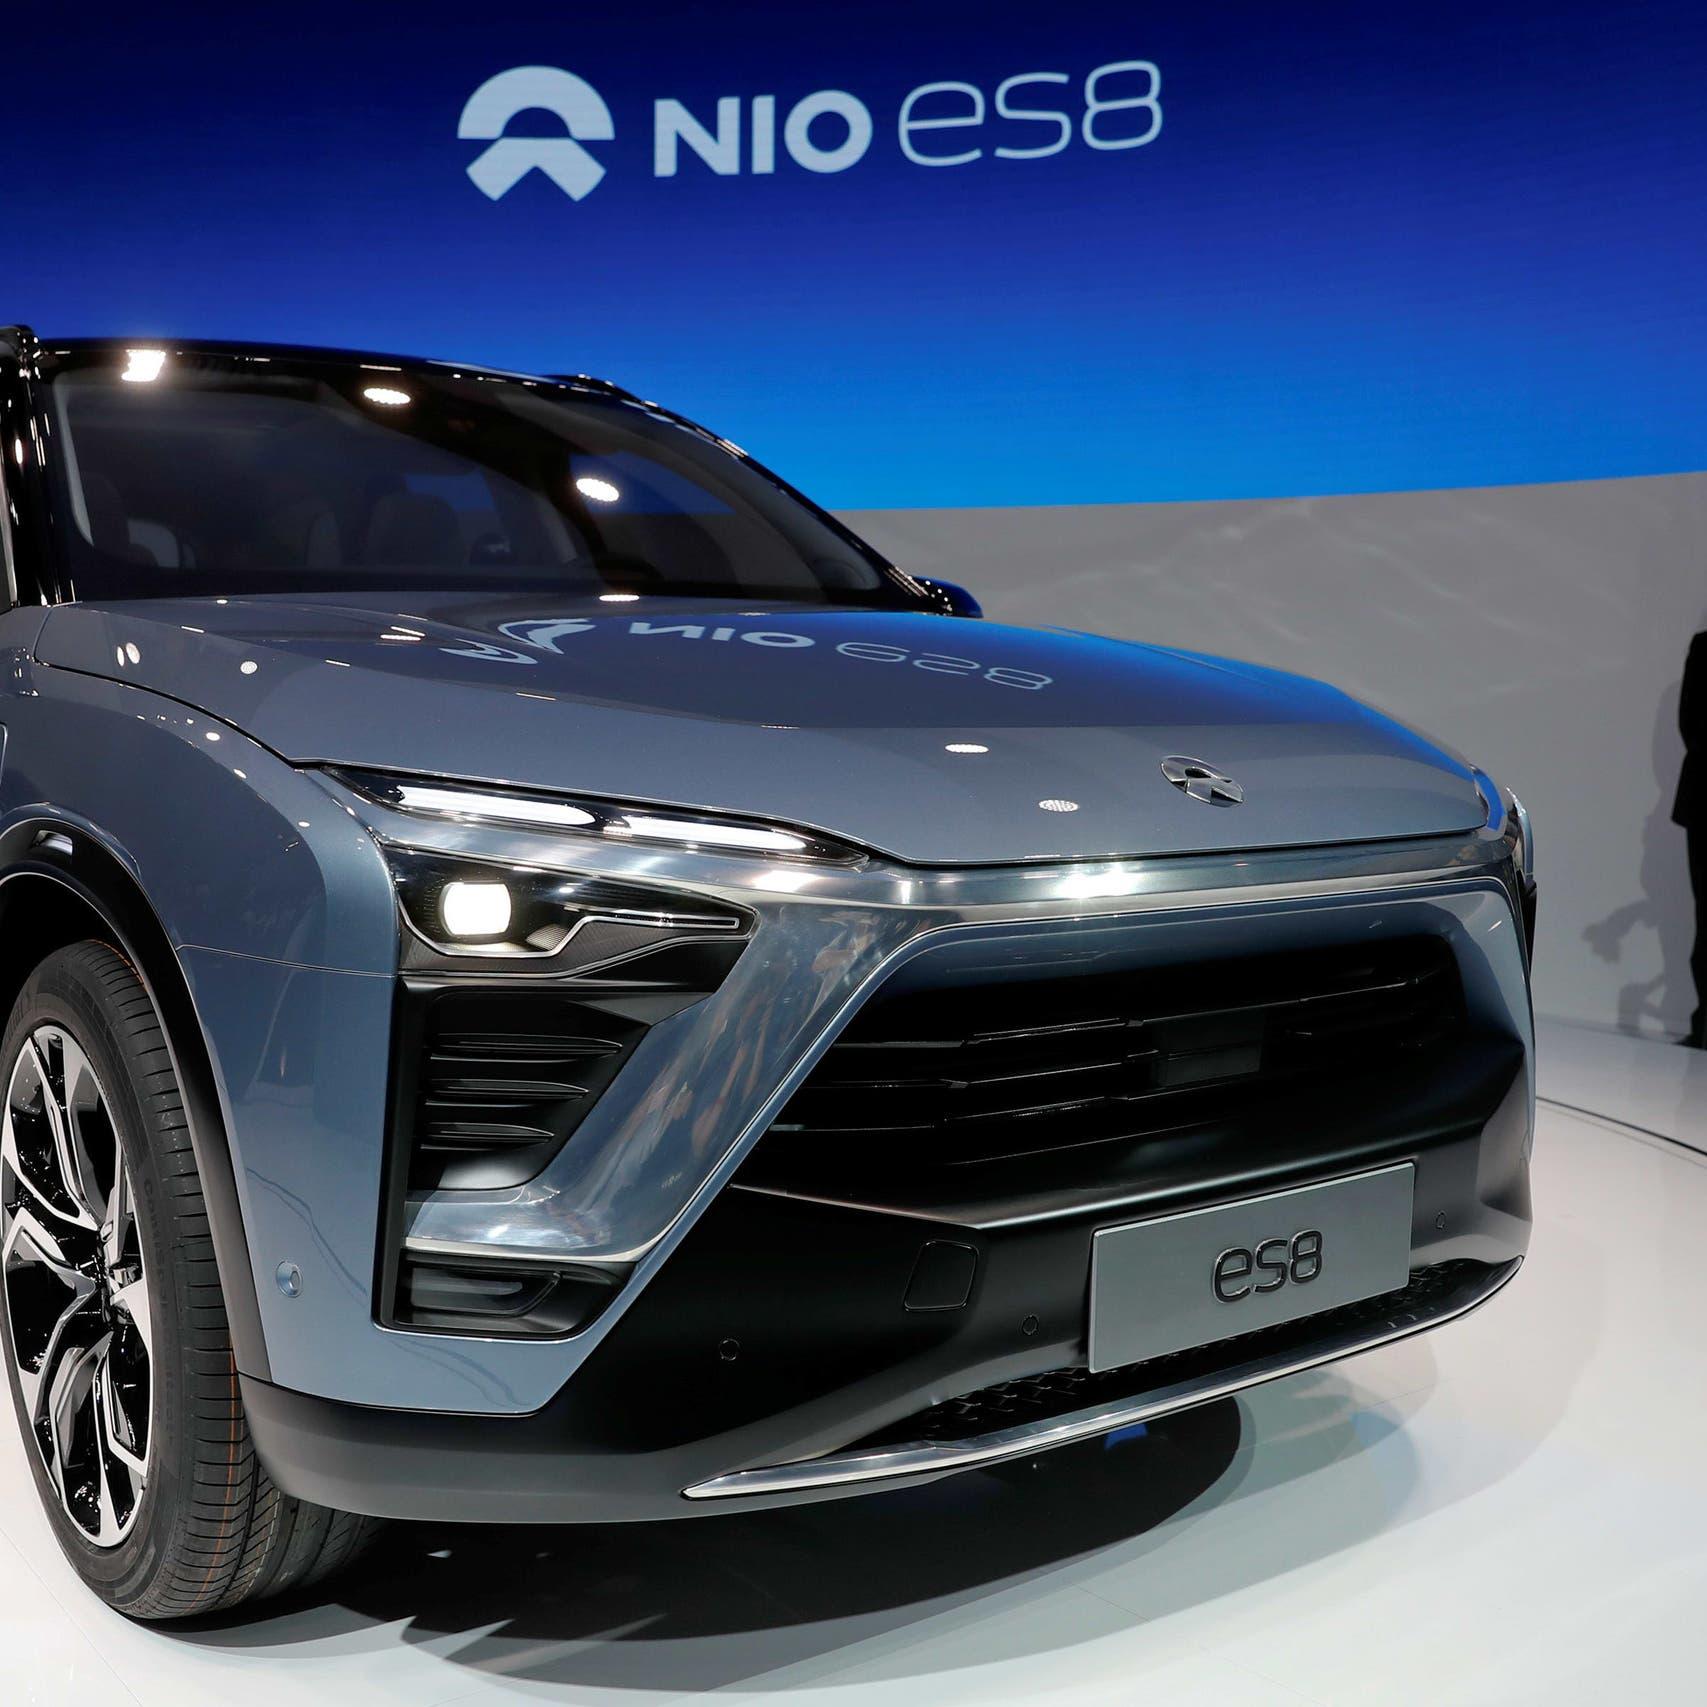 """""""نيو"""" للسيارات الكهربائية تفشل في تحقيق مستهدفات أرباحها"""